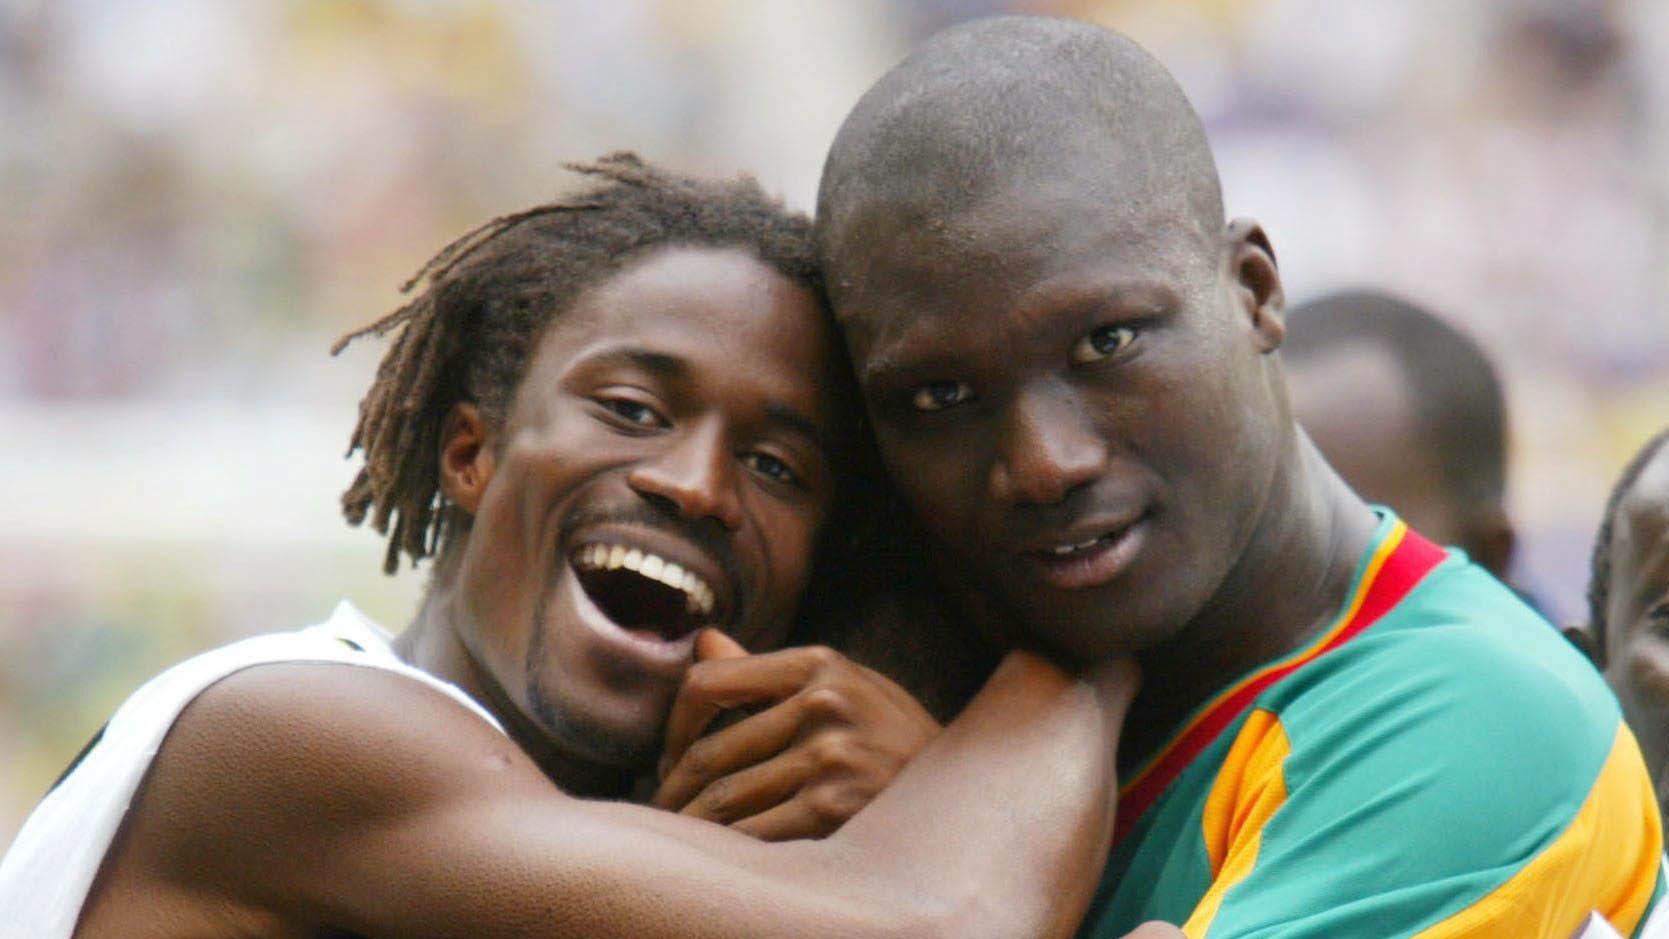 Bouba Diop, morto l'ex calciatore stelle del Senegal ai Mondiali 2002